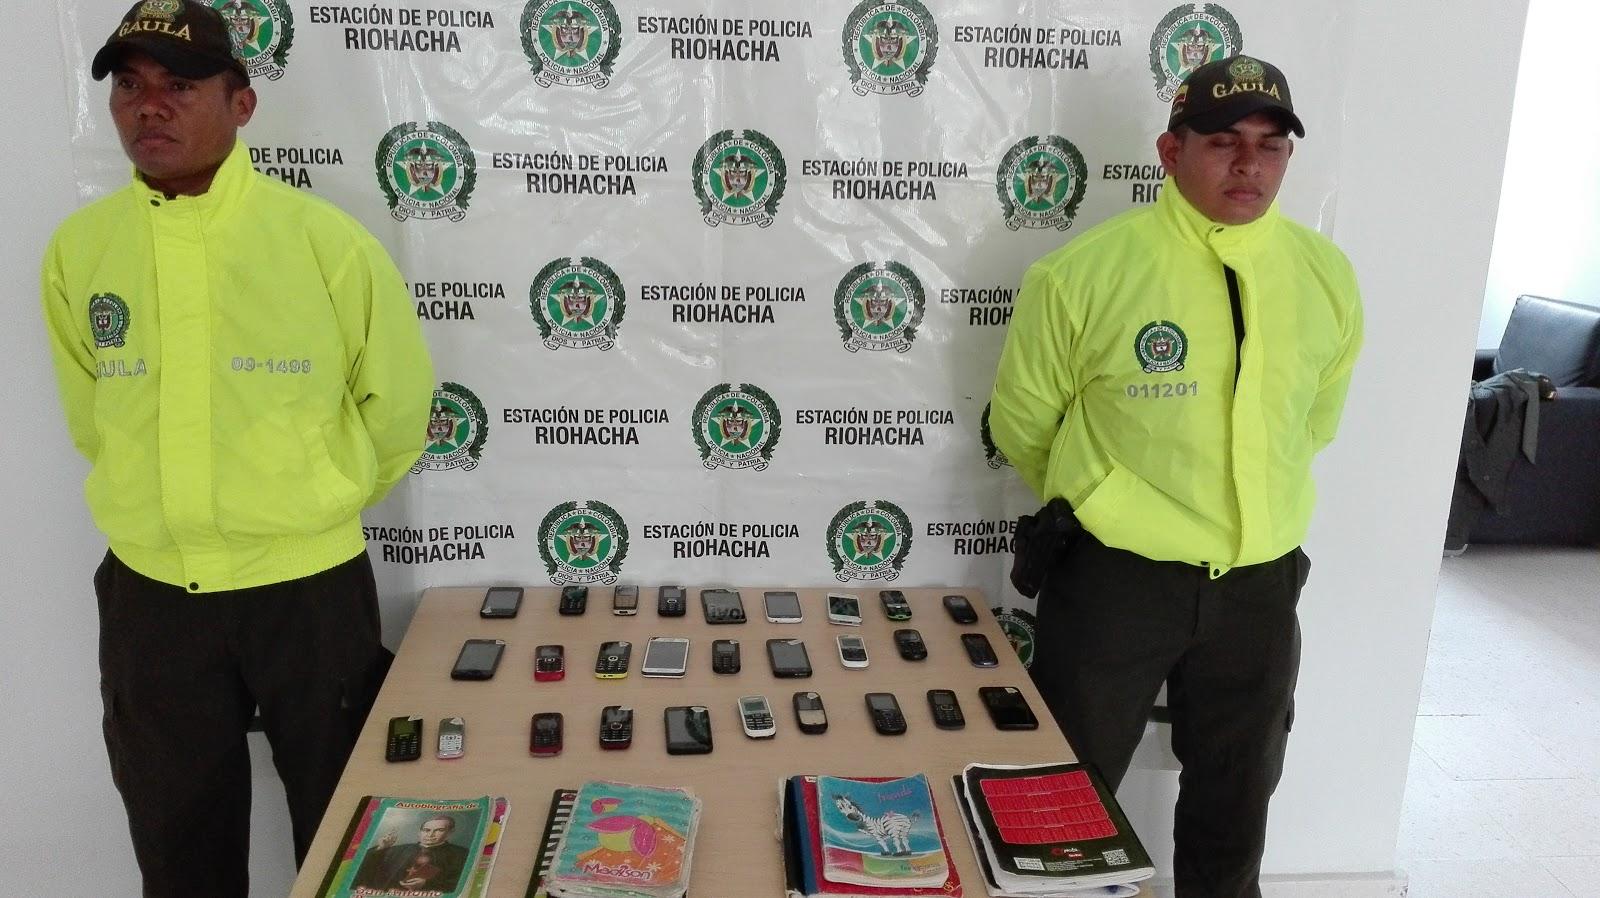 En allanamiento a la cárcel de Riohacha se decomisaron 35 celulares